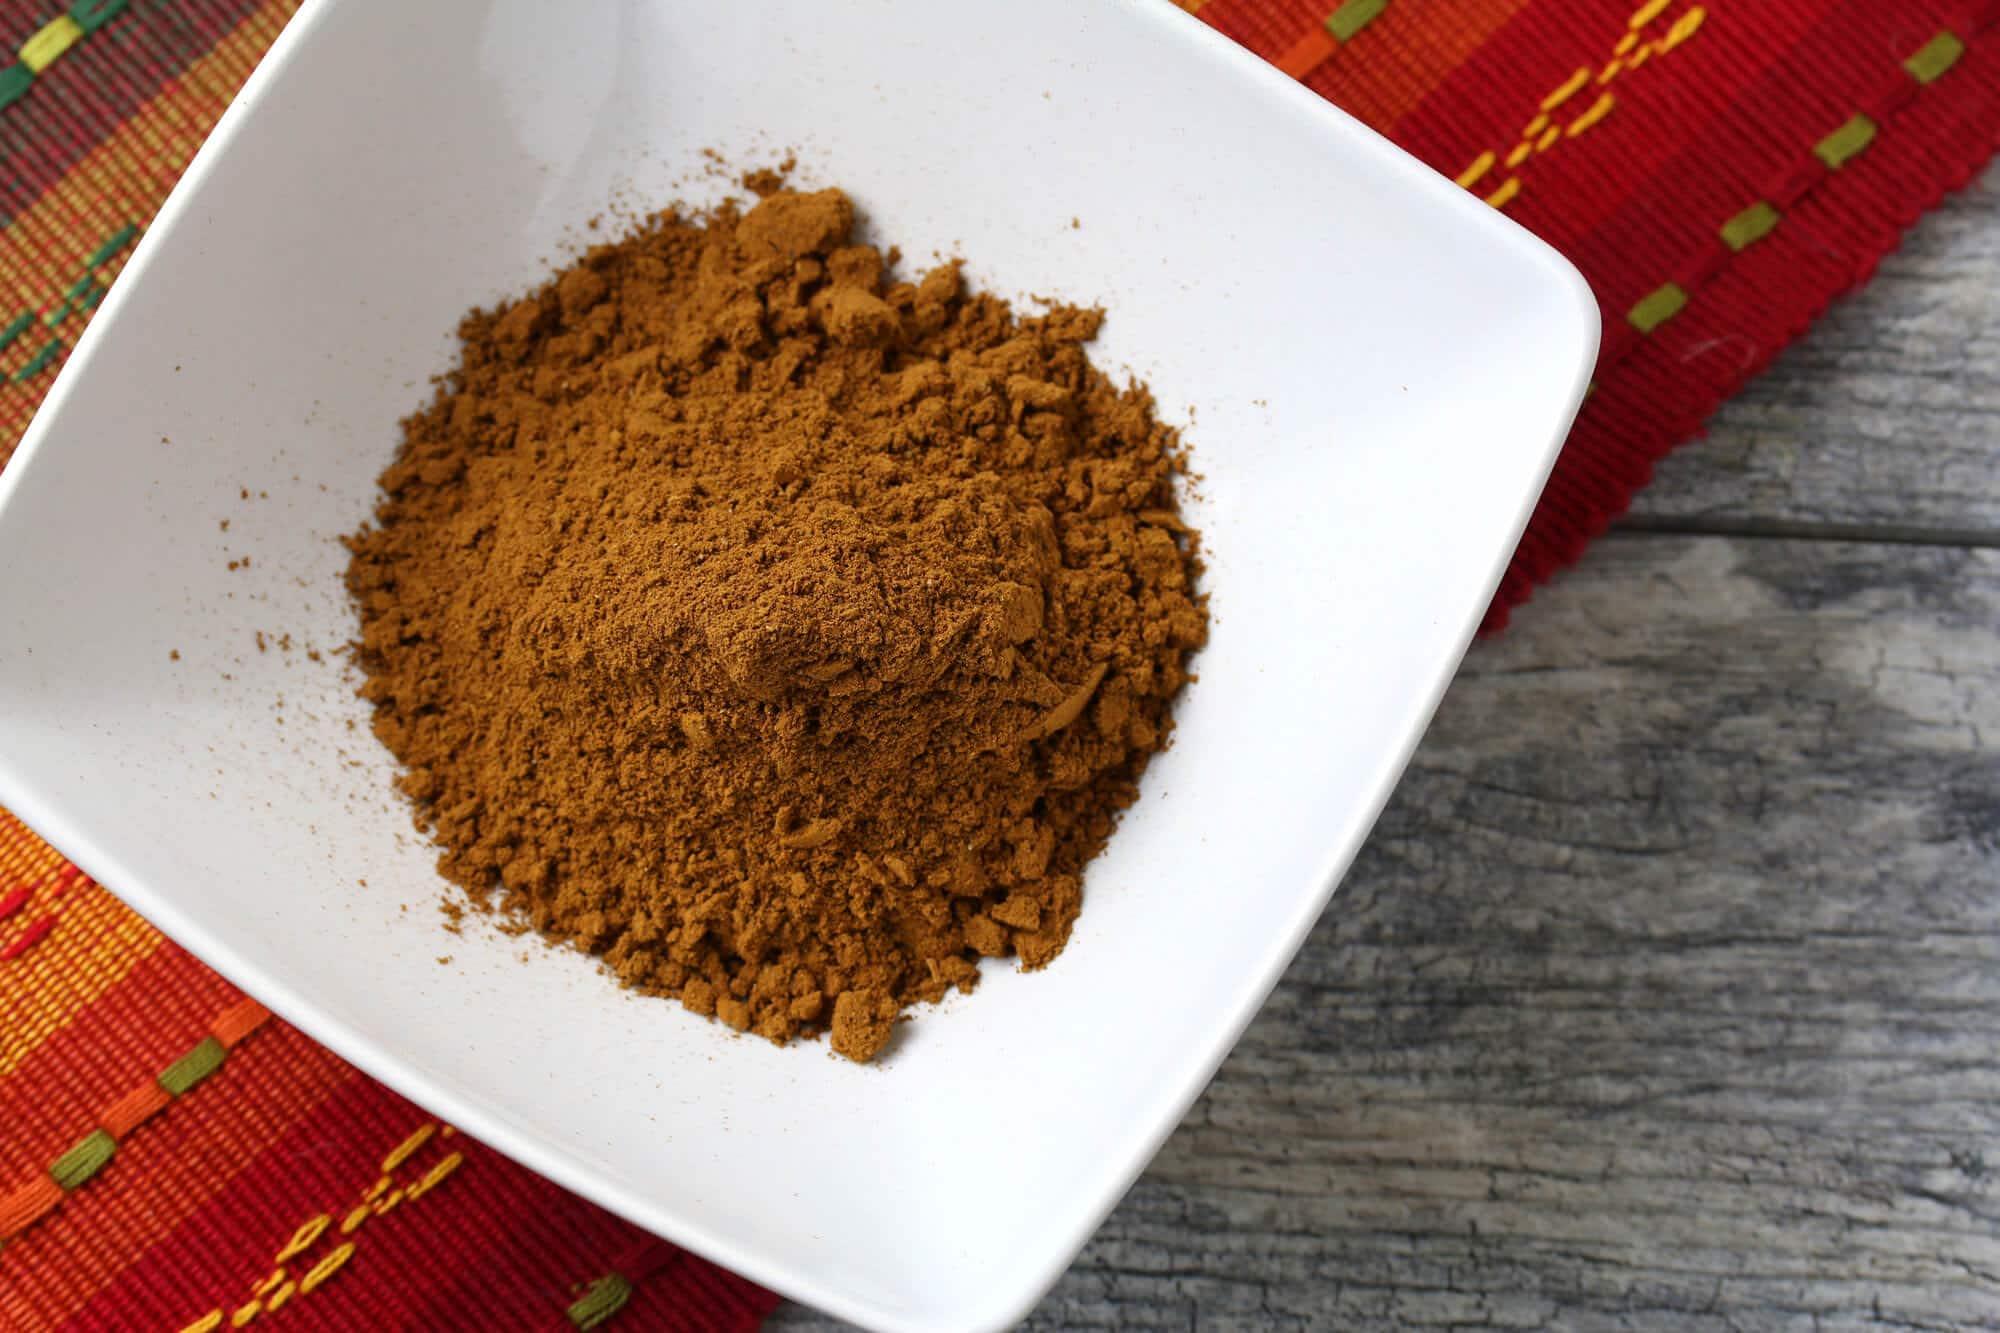 homemade Lebkuchengewürz recipe selbstmachen rezept german gingerbread spice blend